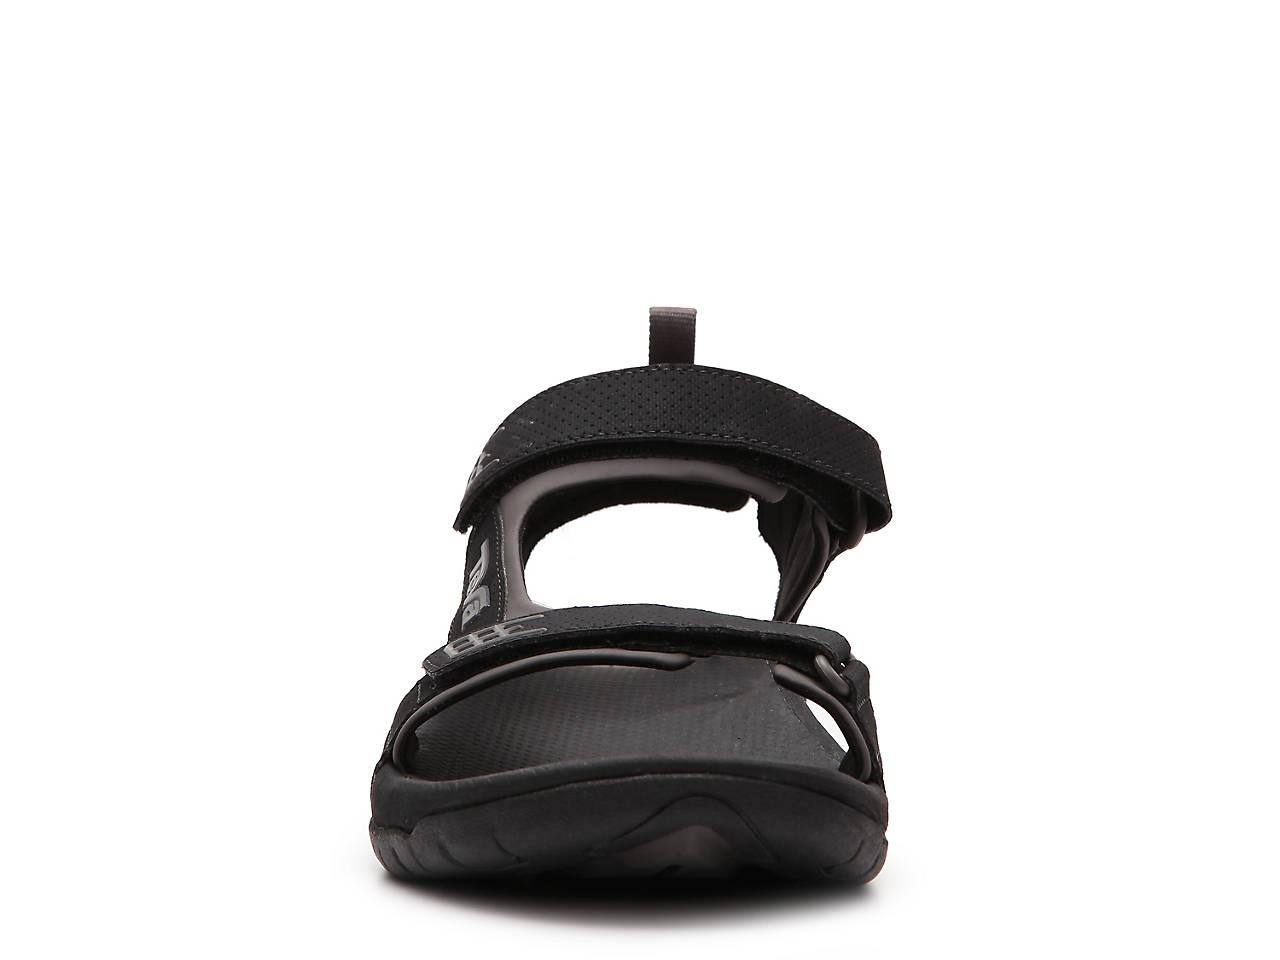 8ad6b022d992 Teva Minam River Sandal Men s Shoes